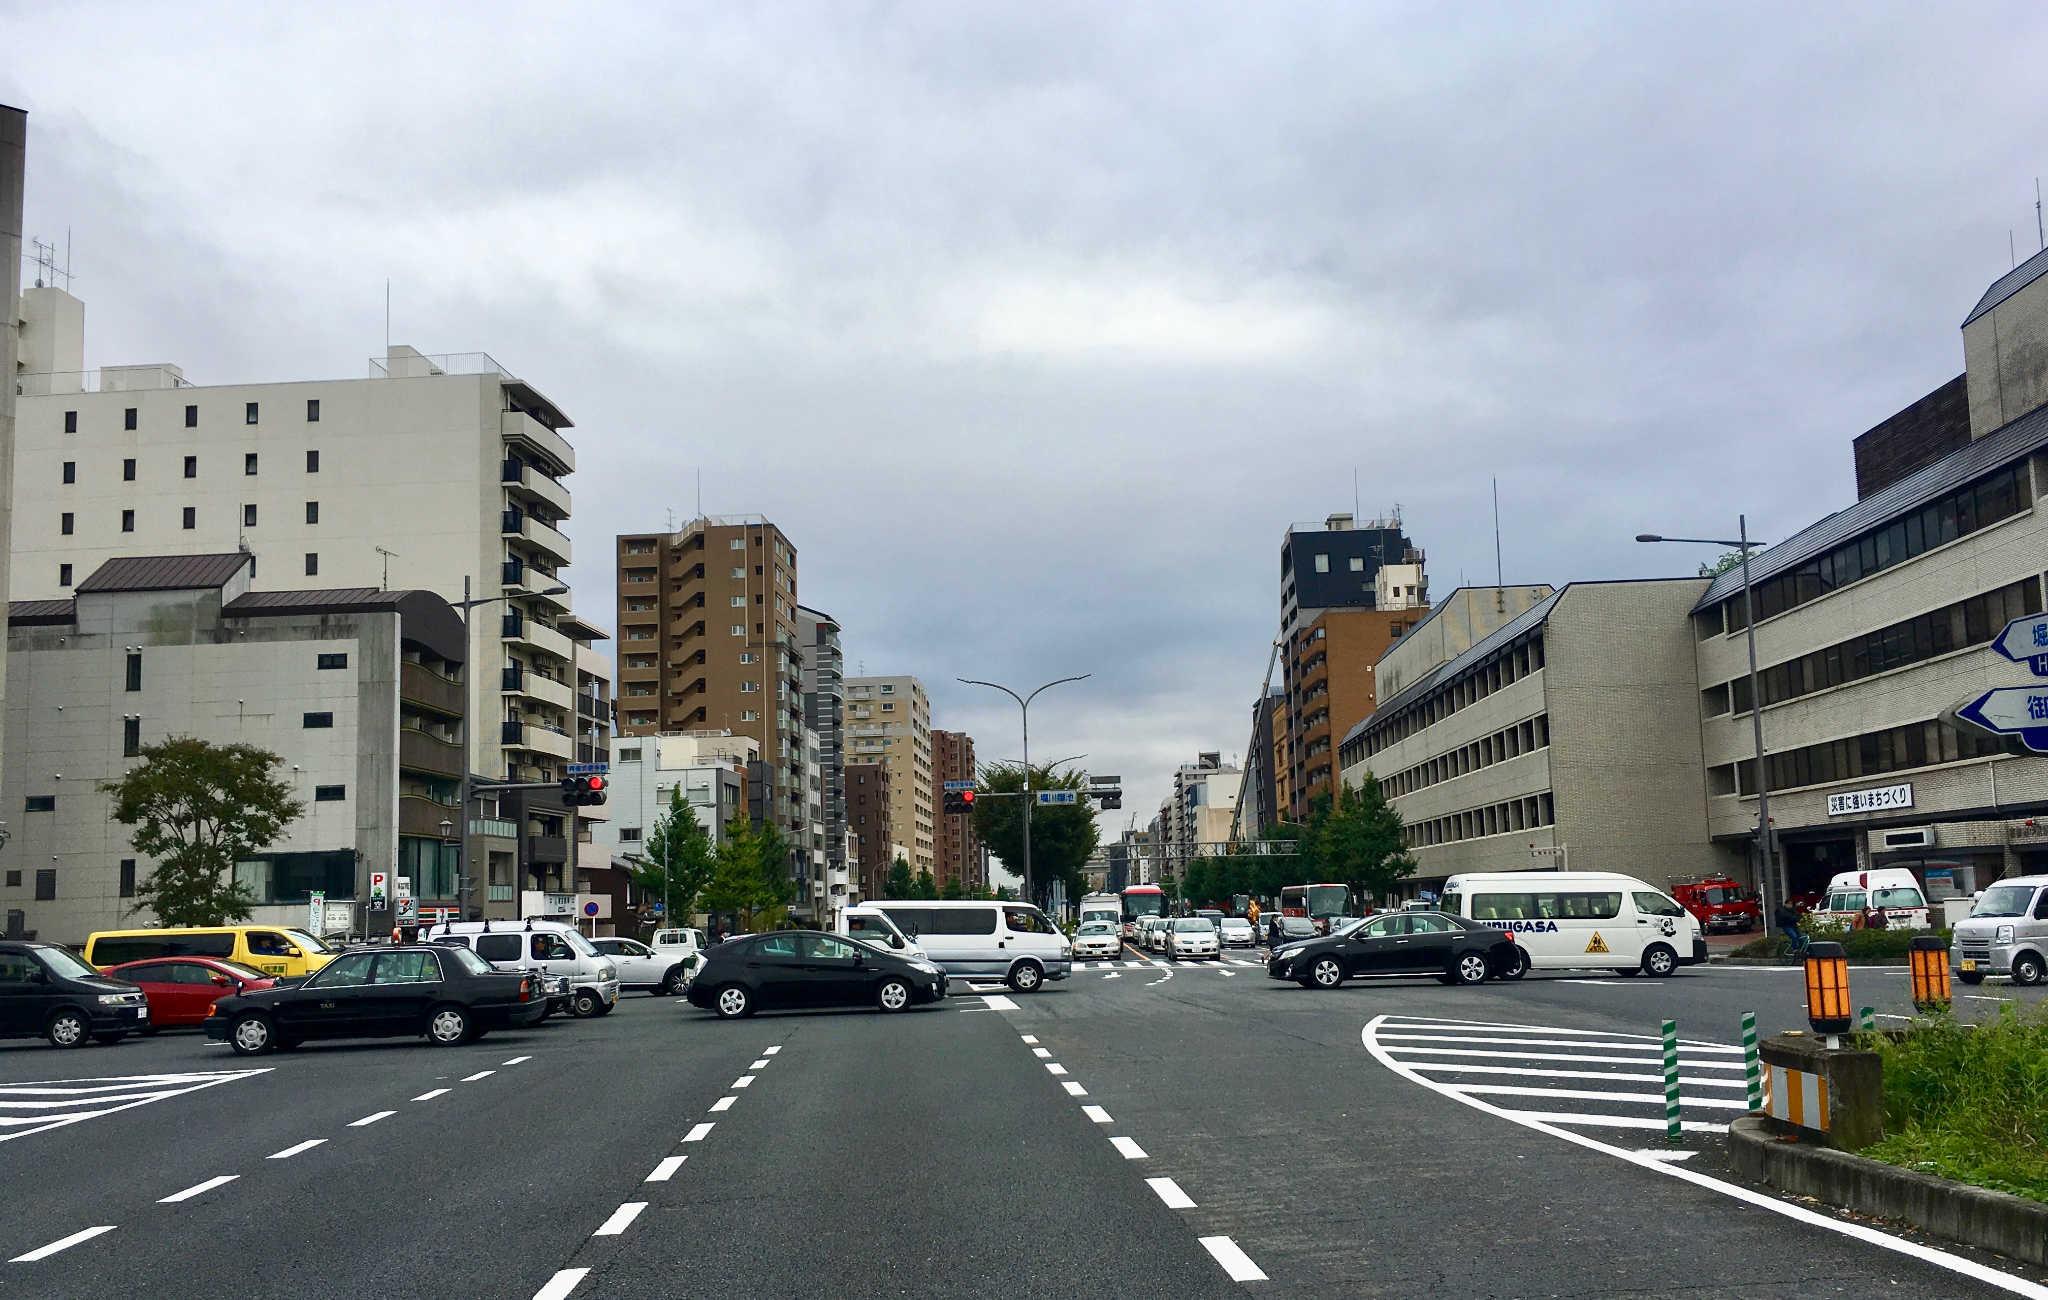 Beaucoup de circulation à kyoto, qui souffre de nombreux embouteillages